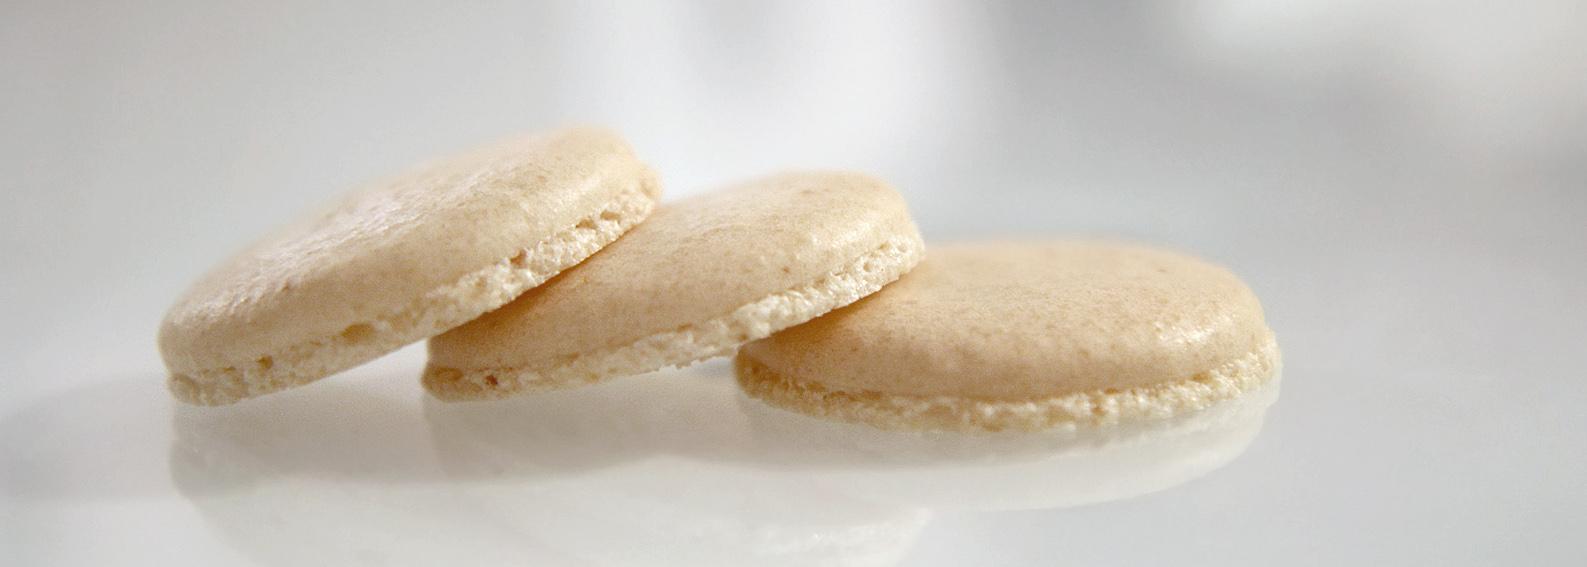 https://le-mercredi-c-est-patisserie.blogspot.com/2012/09/les-macarons.html